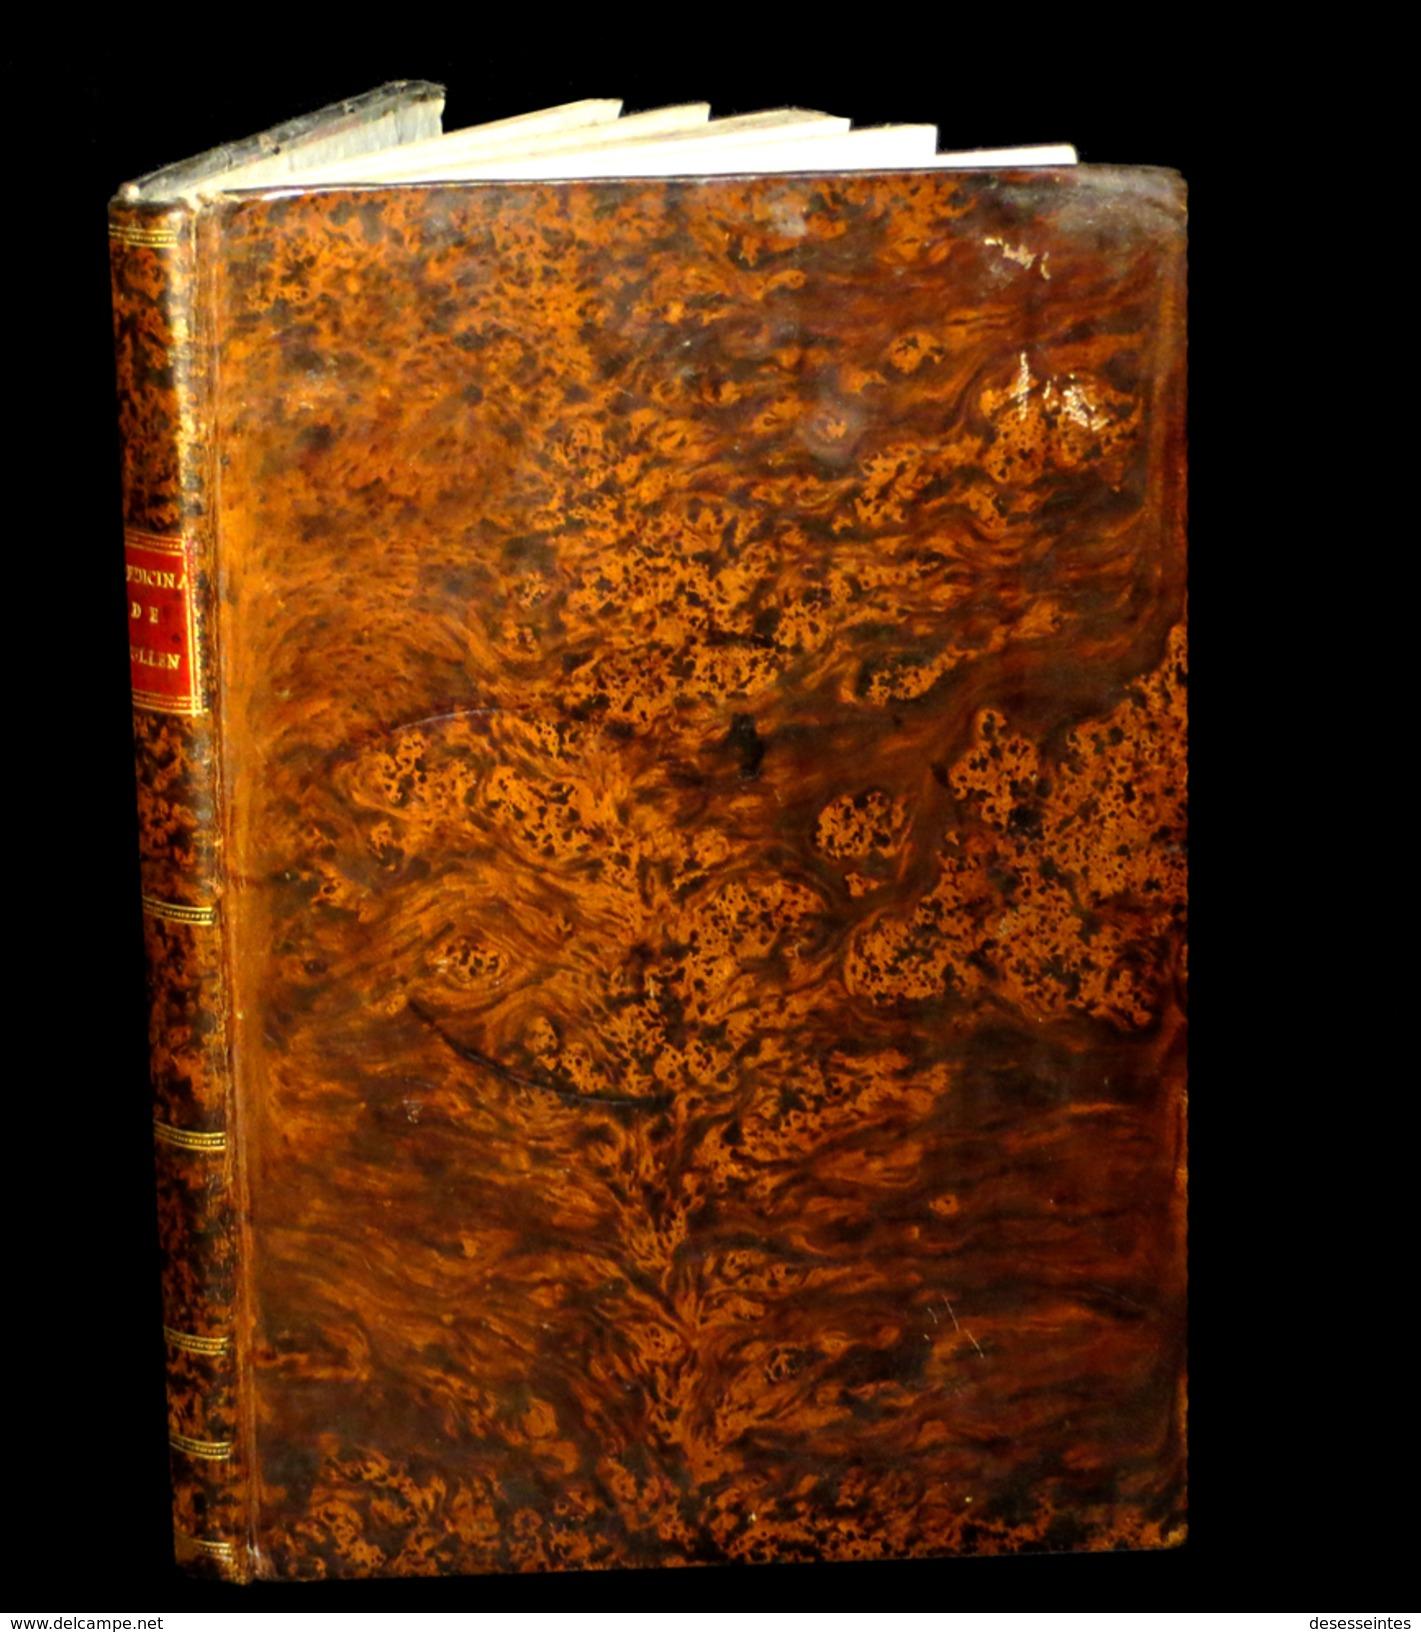 [MEDICINA NEUROLOGÍA FISIOLOGÍA NOSOLOGÍA] LAFON (Jean-Baptiste) - Introduccion A La Medicina De Cullen. 1793. - Livres, BD, Revues